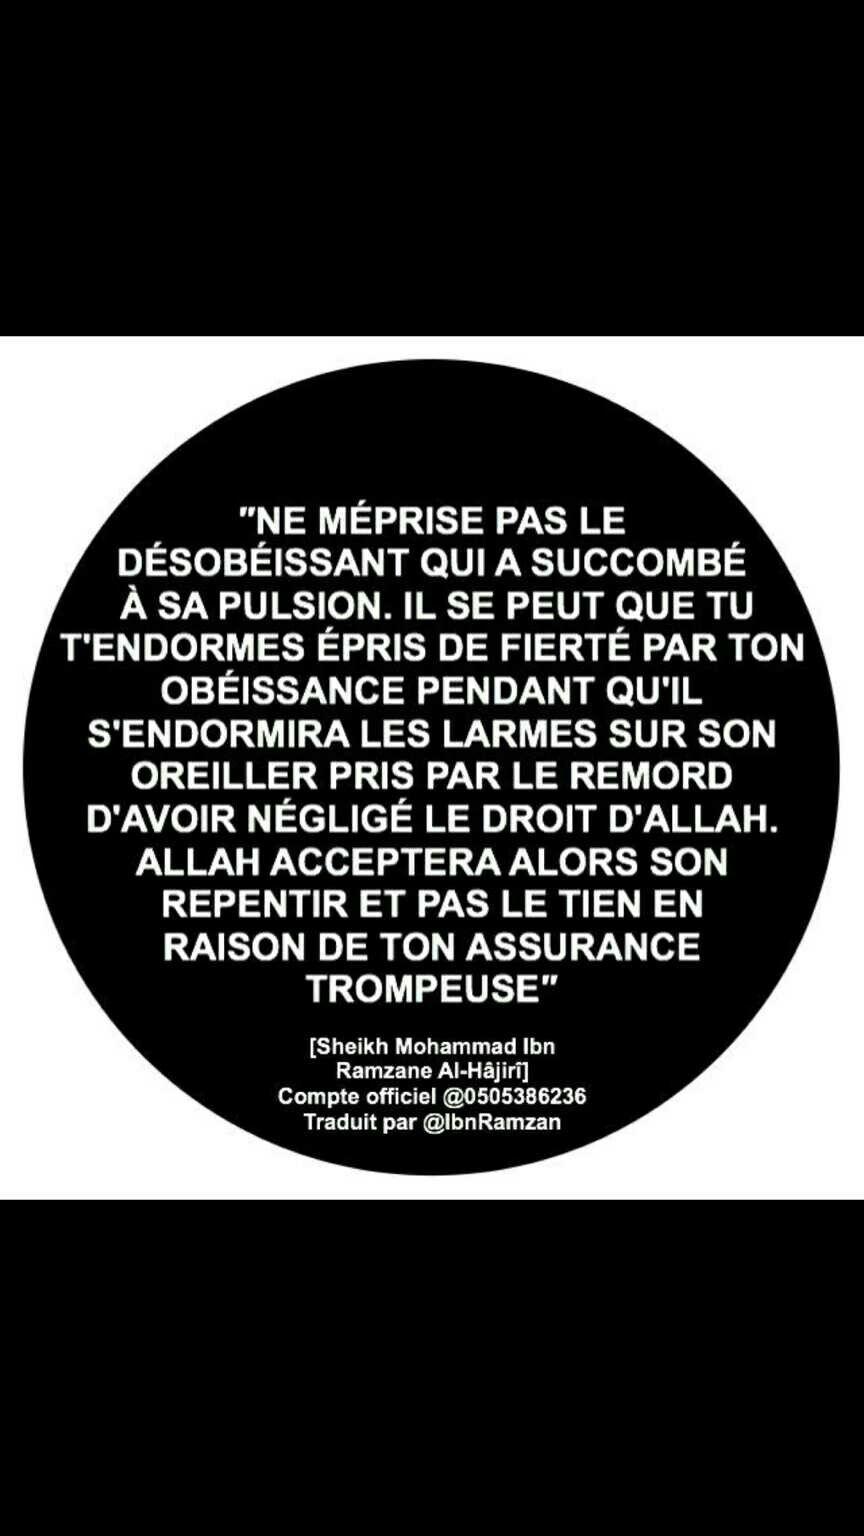 Allah Compte Les Larmes D Une Femme Hadith : allah, compte, larmes, femme, hadith, Sheikh, Ramzan, Méprise, Désobéissant..., Allah,, Hadith,, Epris